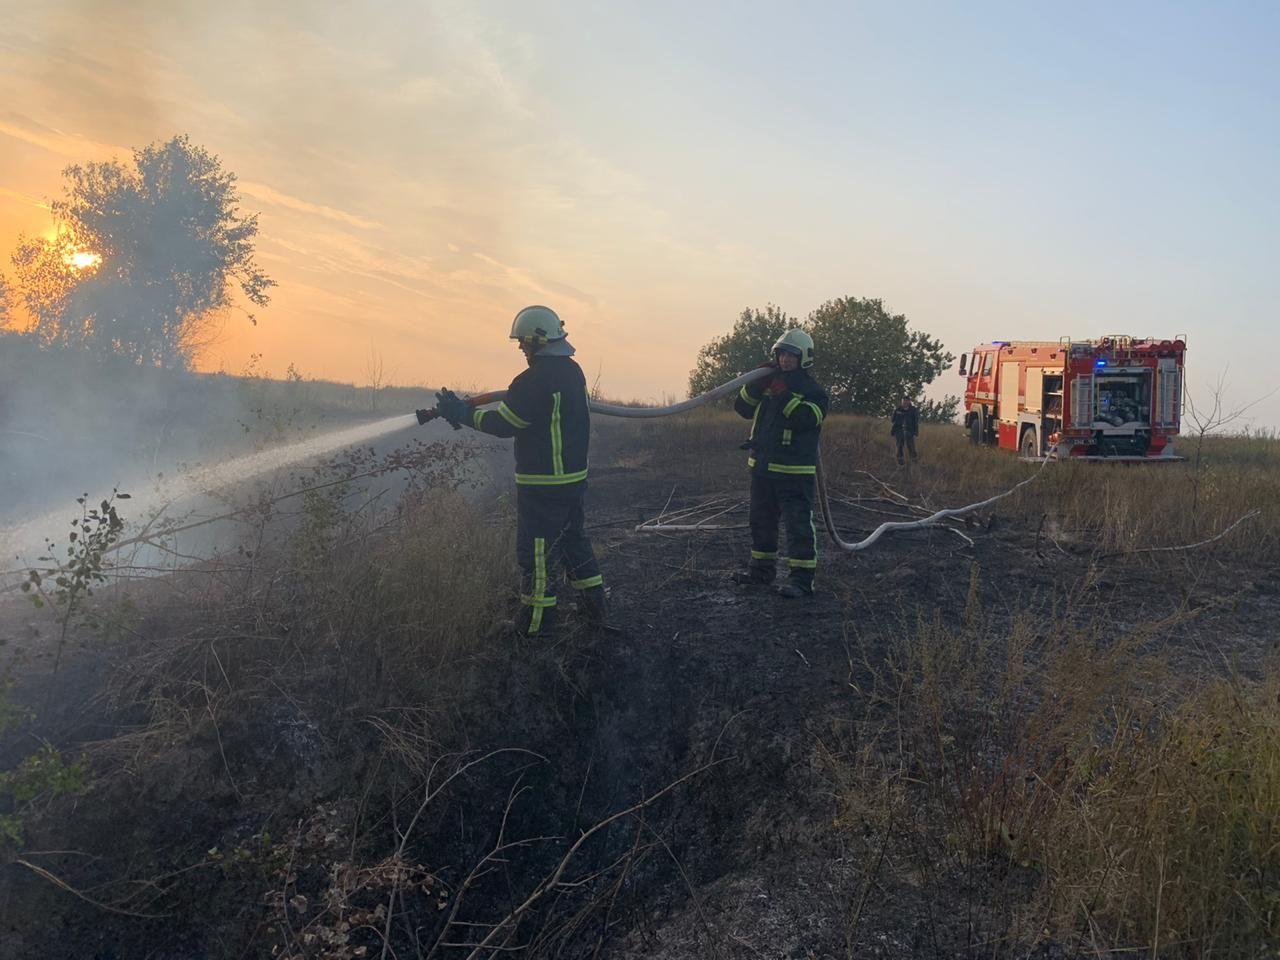 У Києво-Святошинському районі за вихідні було 11 пожеж - ГУ ДСНС у Київськійобласті, вогонь - yzobrazhenye viber 2020 09 28 09 14 15 1